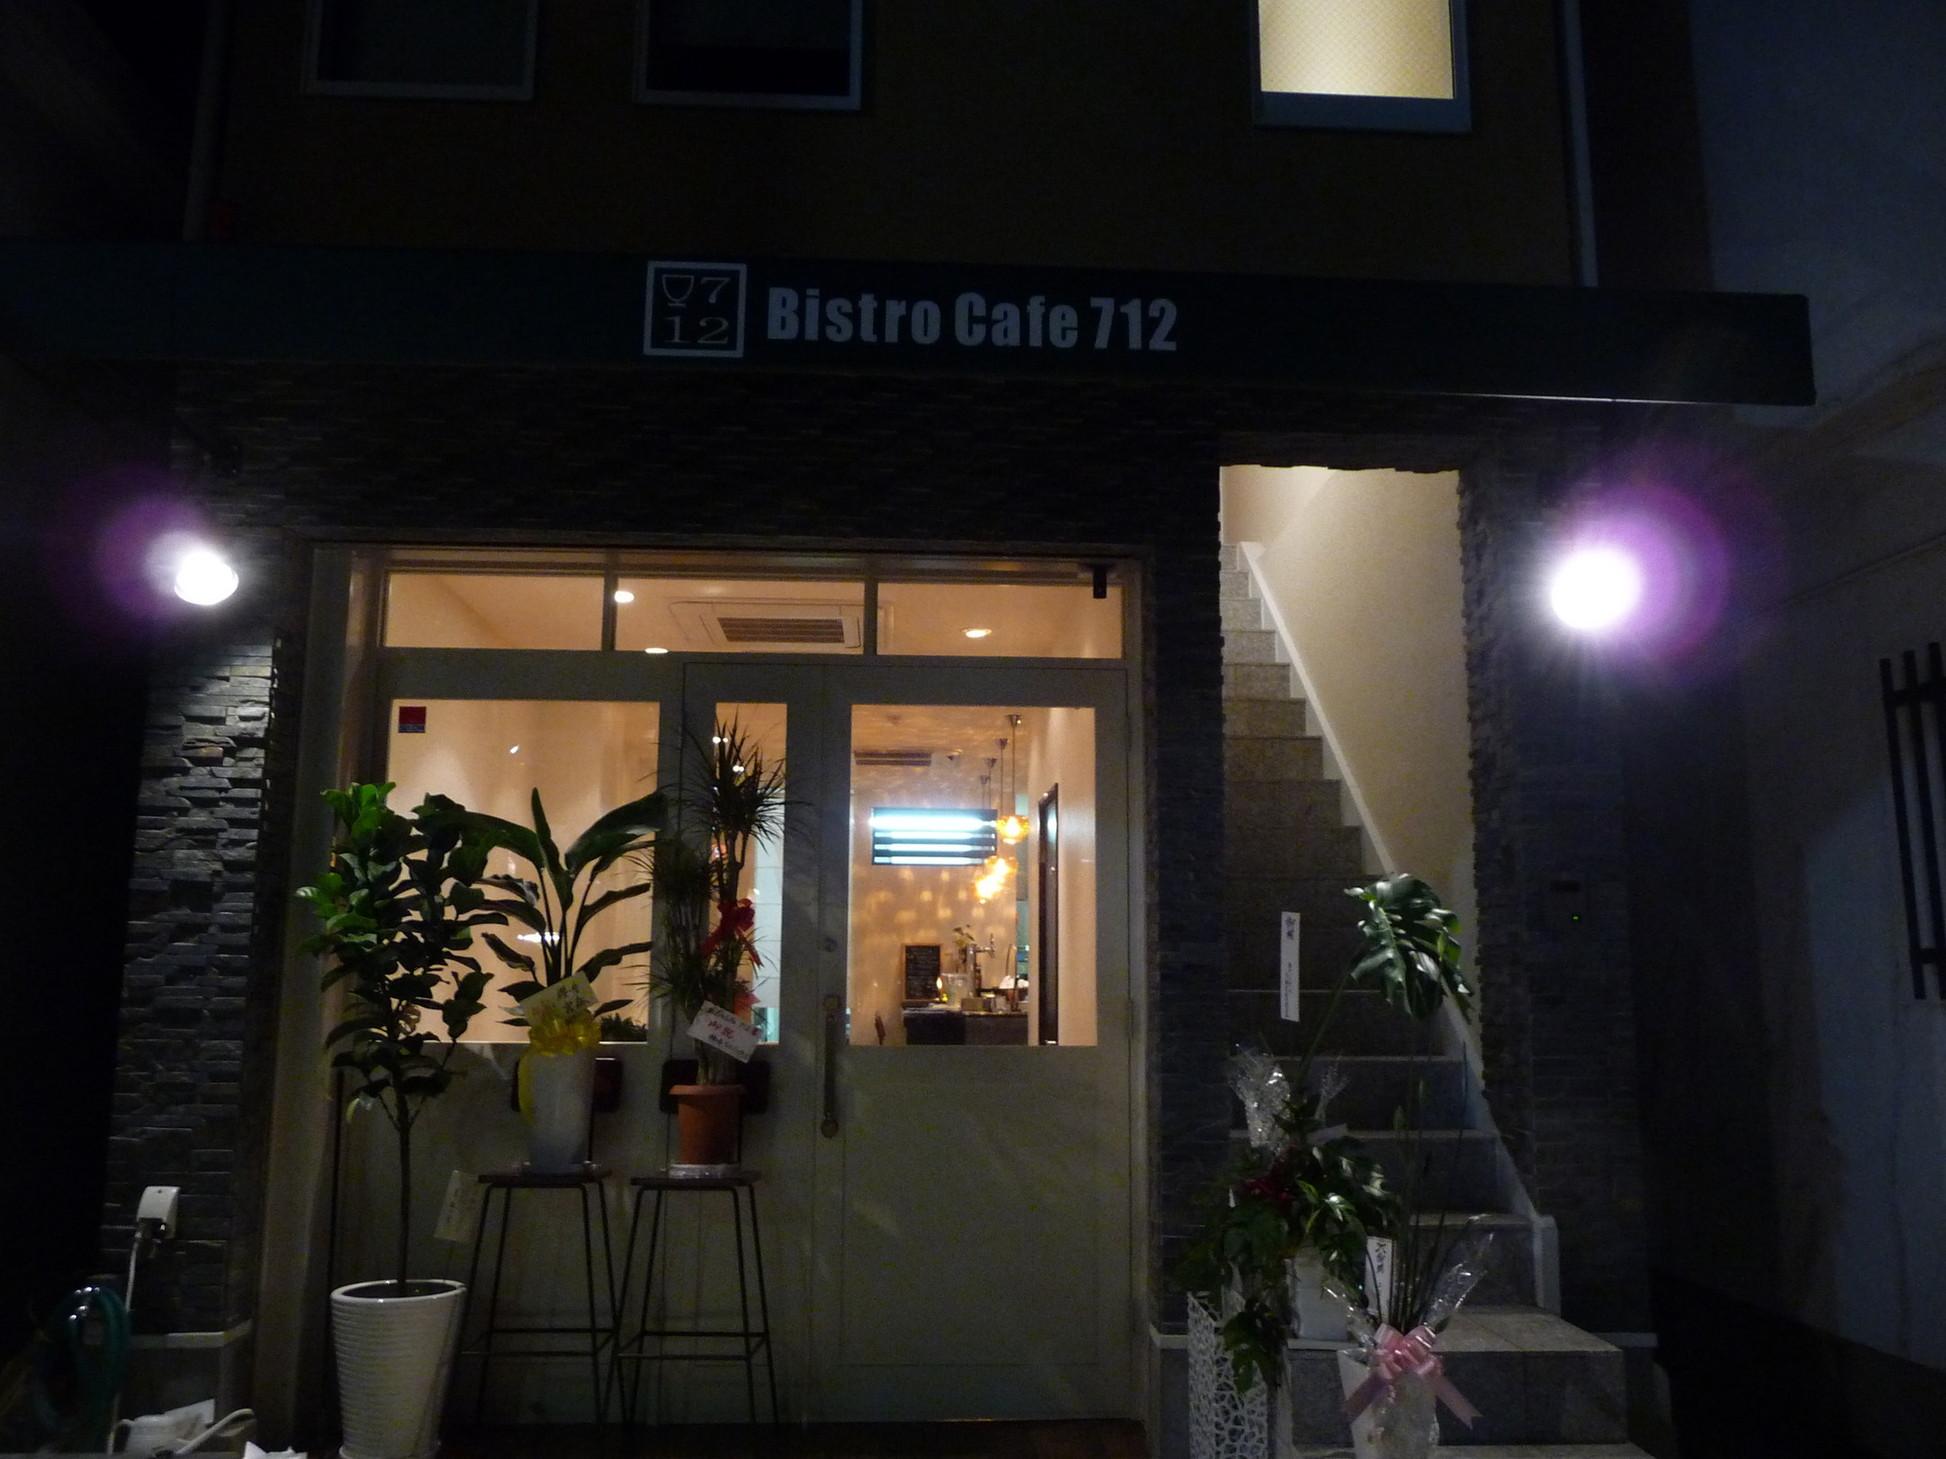 BistroCafe 712